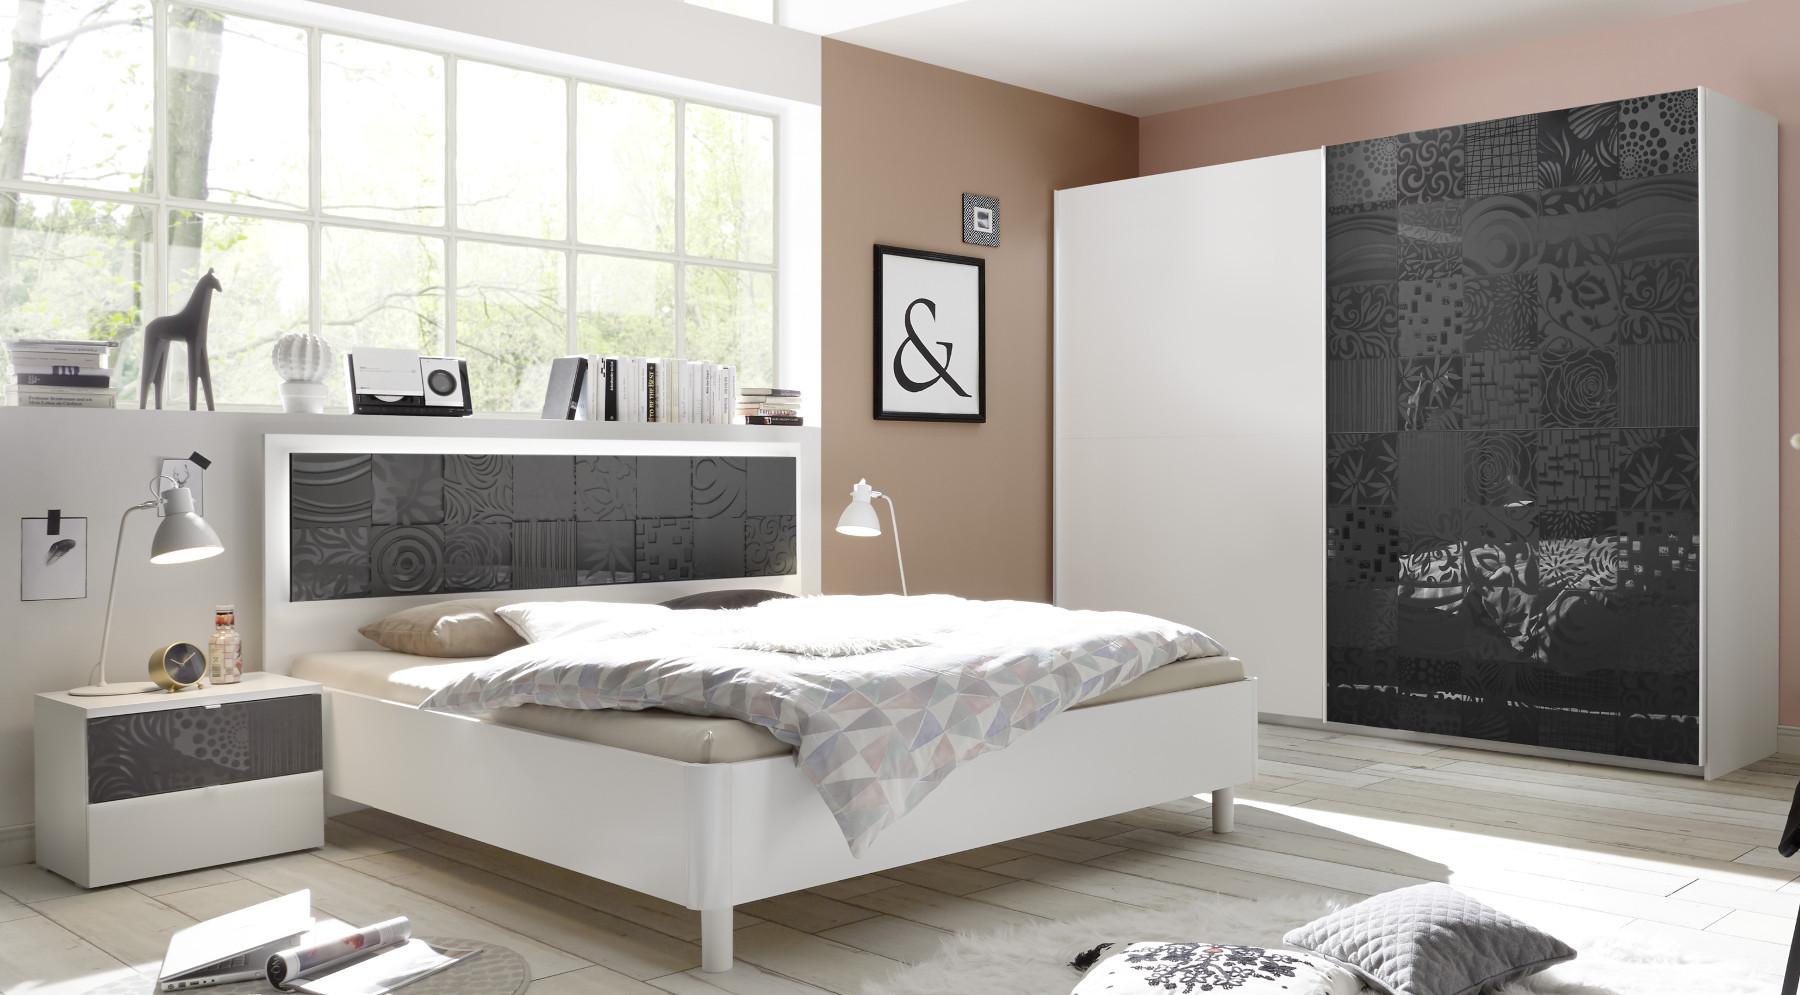 Full Size of Schlafzimmer Komplett Weiß Mit überbau Landhaus Regal Wandbilder Deckenlampe Gardinen Für Bett Schwarz Günstige Kommoden Küche Matt Massivholz Schlafzimmer Schlafzimmer Komplett Weiß